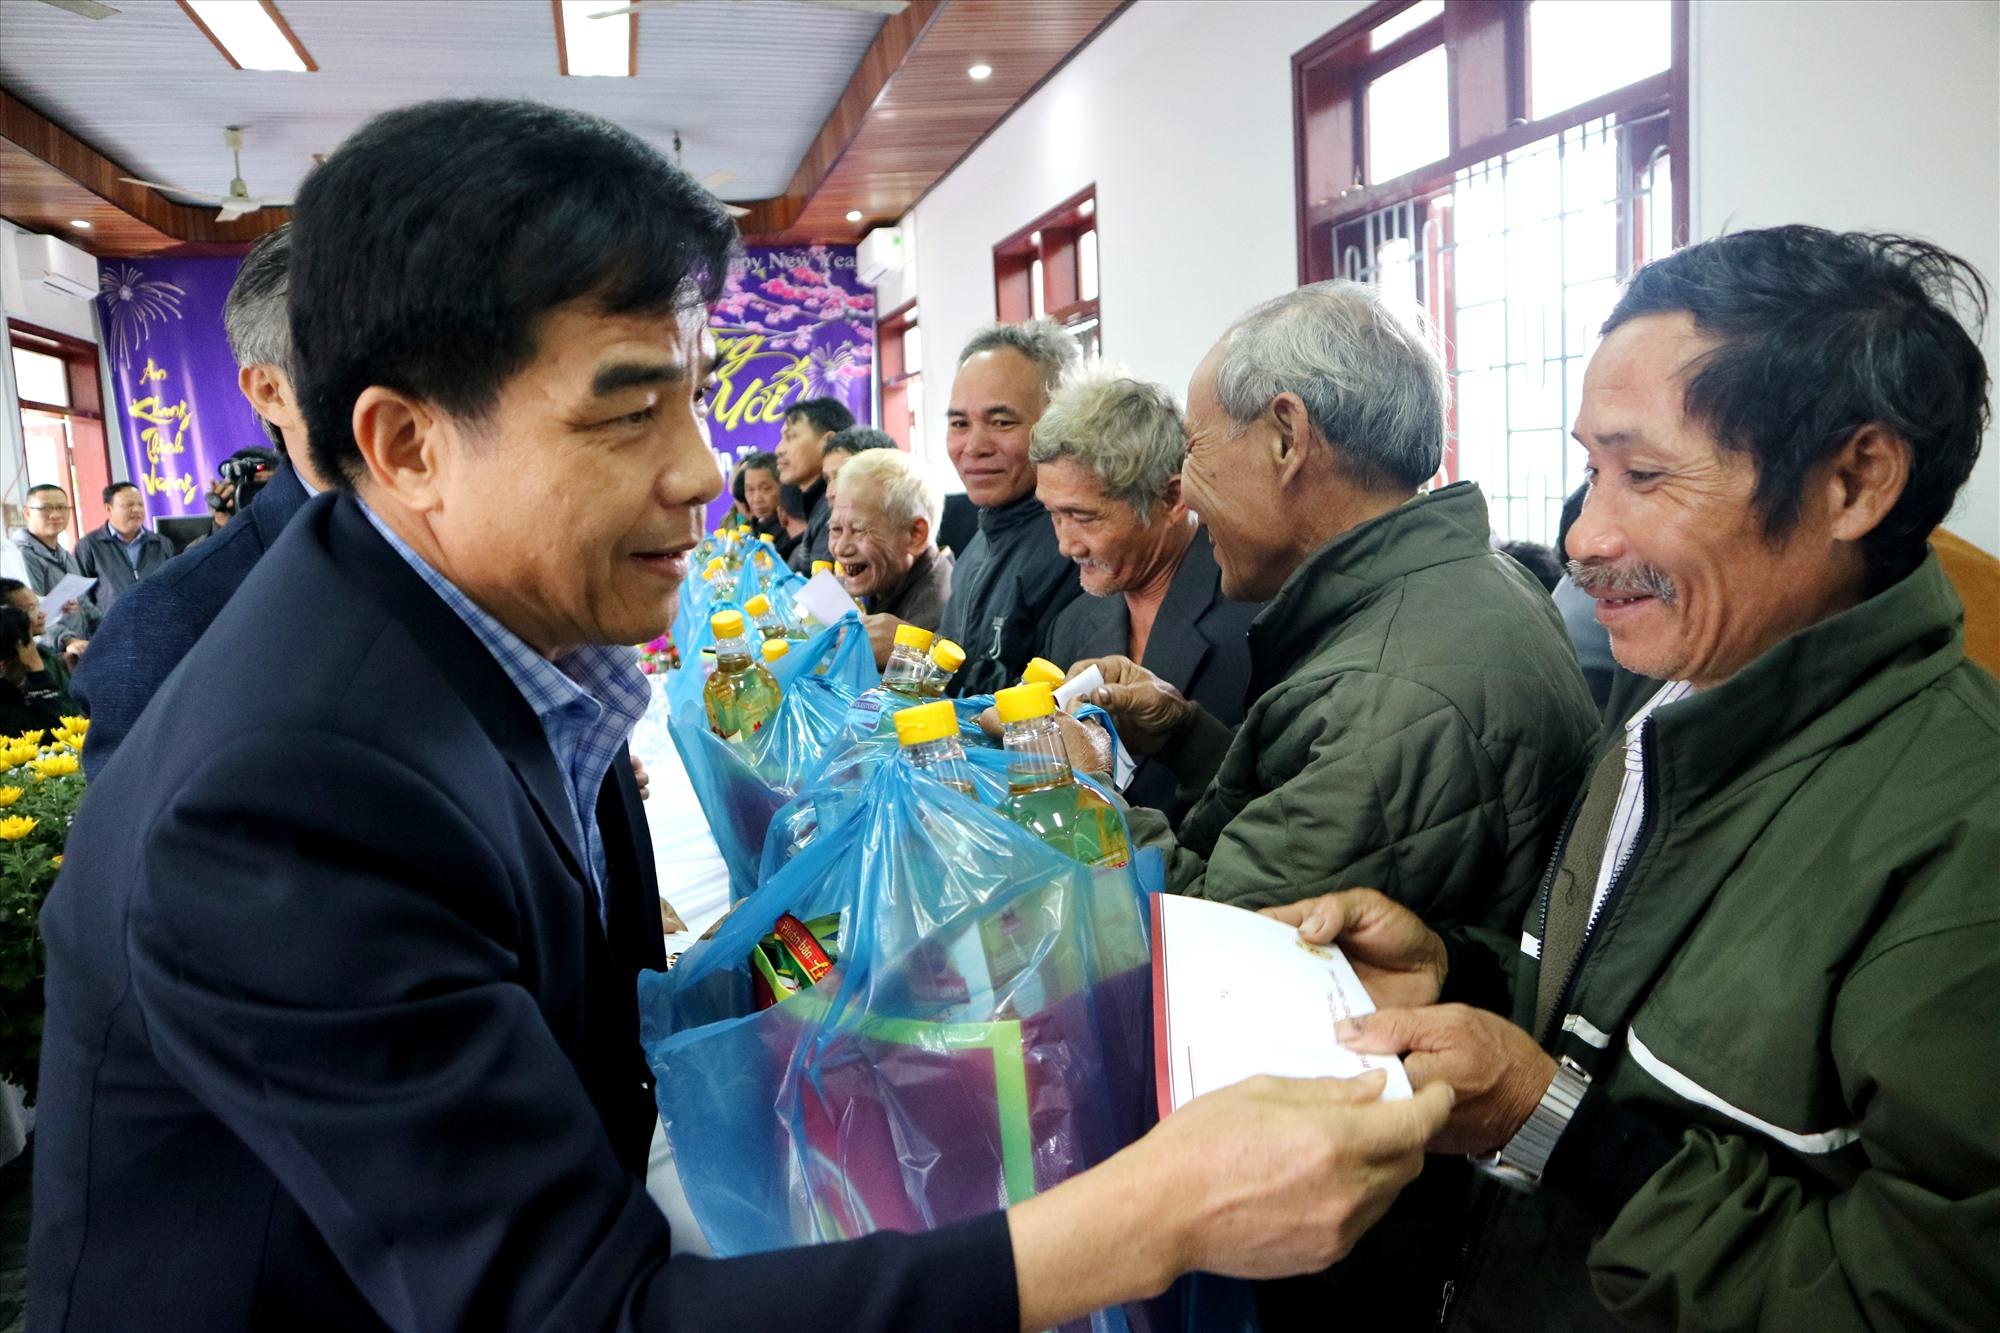 Phó Bí thư Thường trực Tỉnh ủy Lê Văn Dũng trao qâuf tết cho các già làng, người có uy tín ở Bắc Trà My. Ảnh: A.N